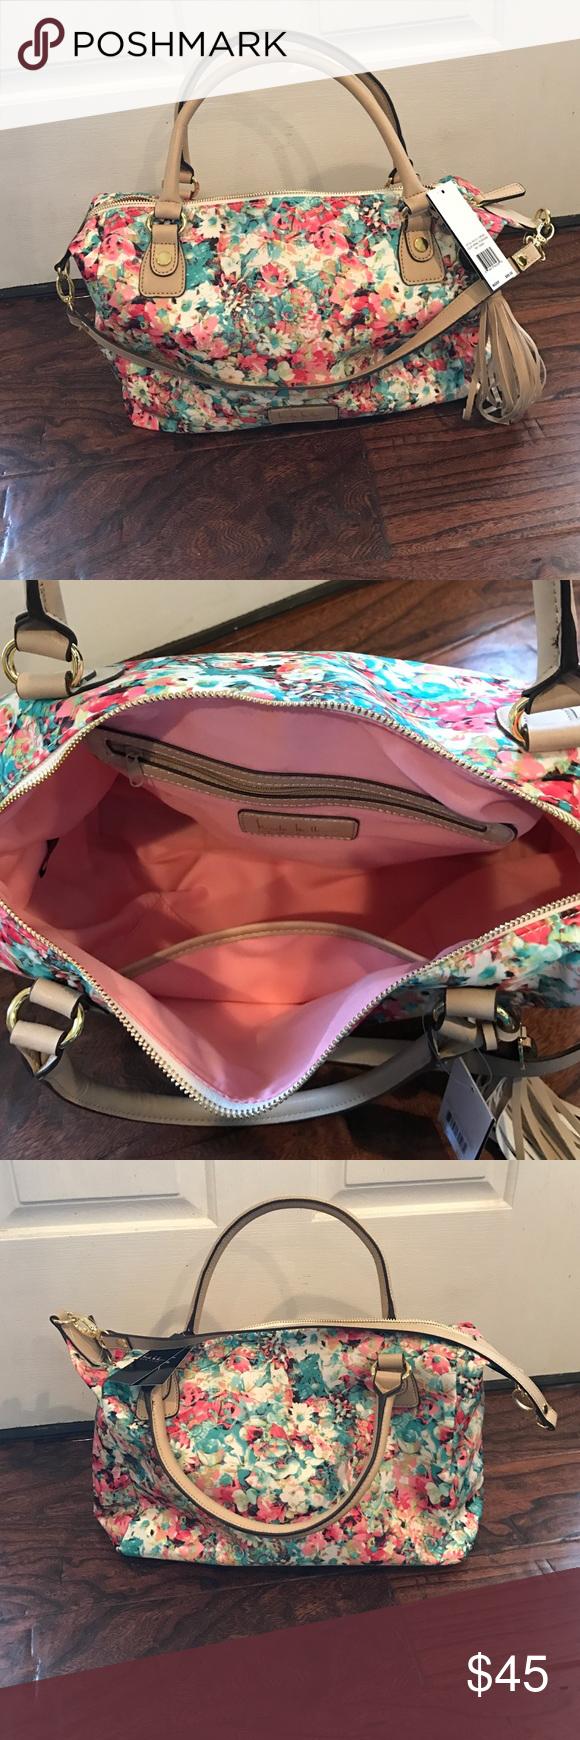 Nicole Miller floral handbag Floral handbags, Handbag